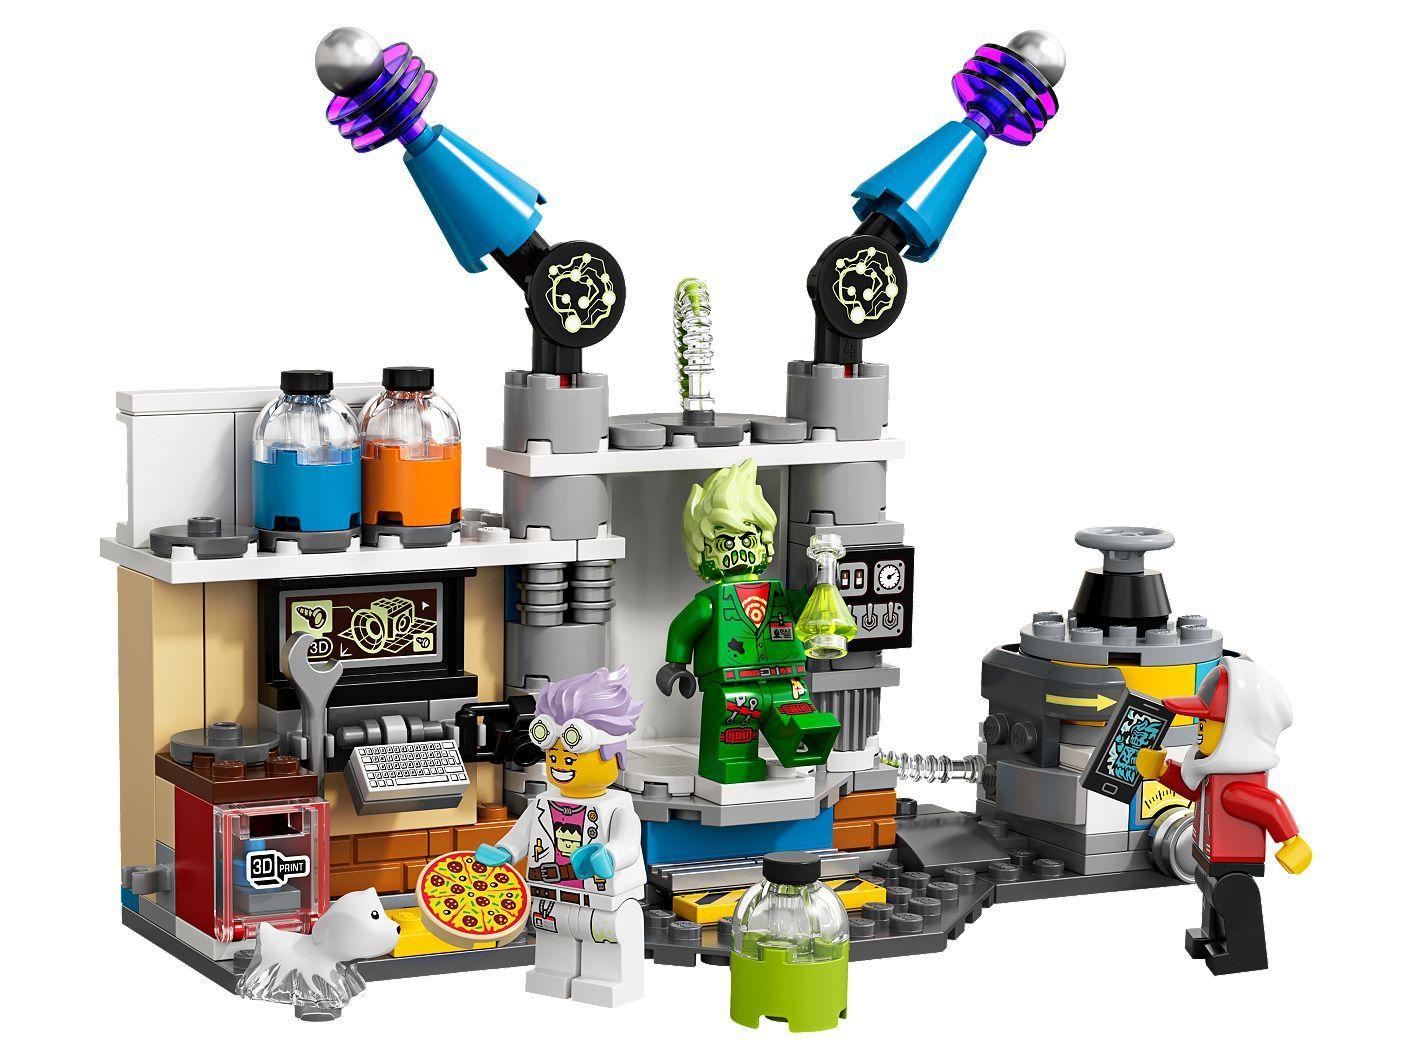 Конструктор Lego Hidden Side - Лабораторията за духове на J.B. (70418) - 3